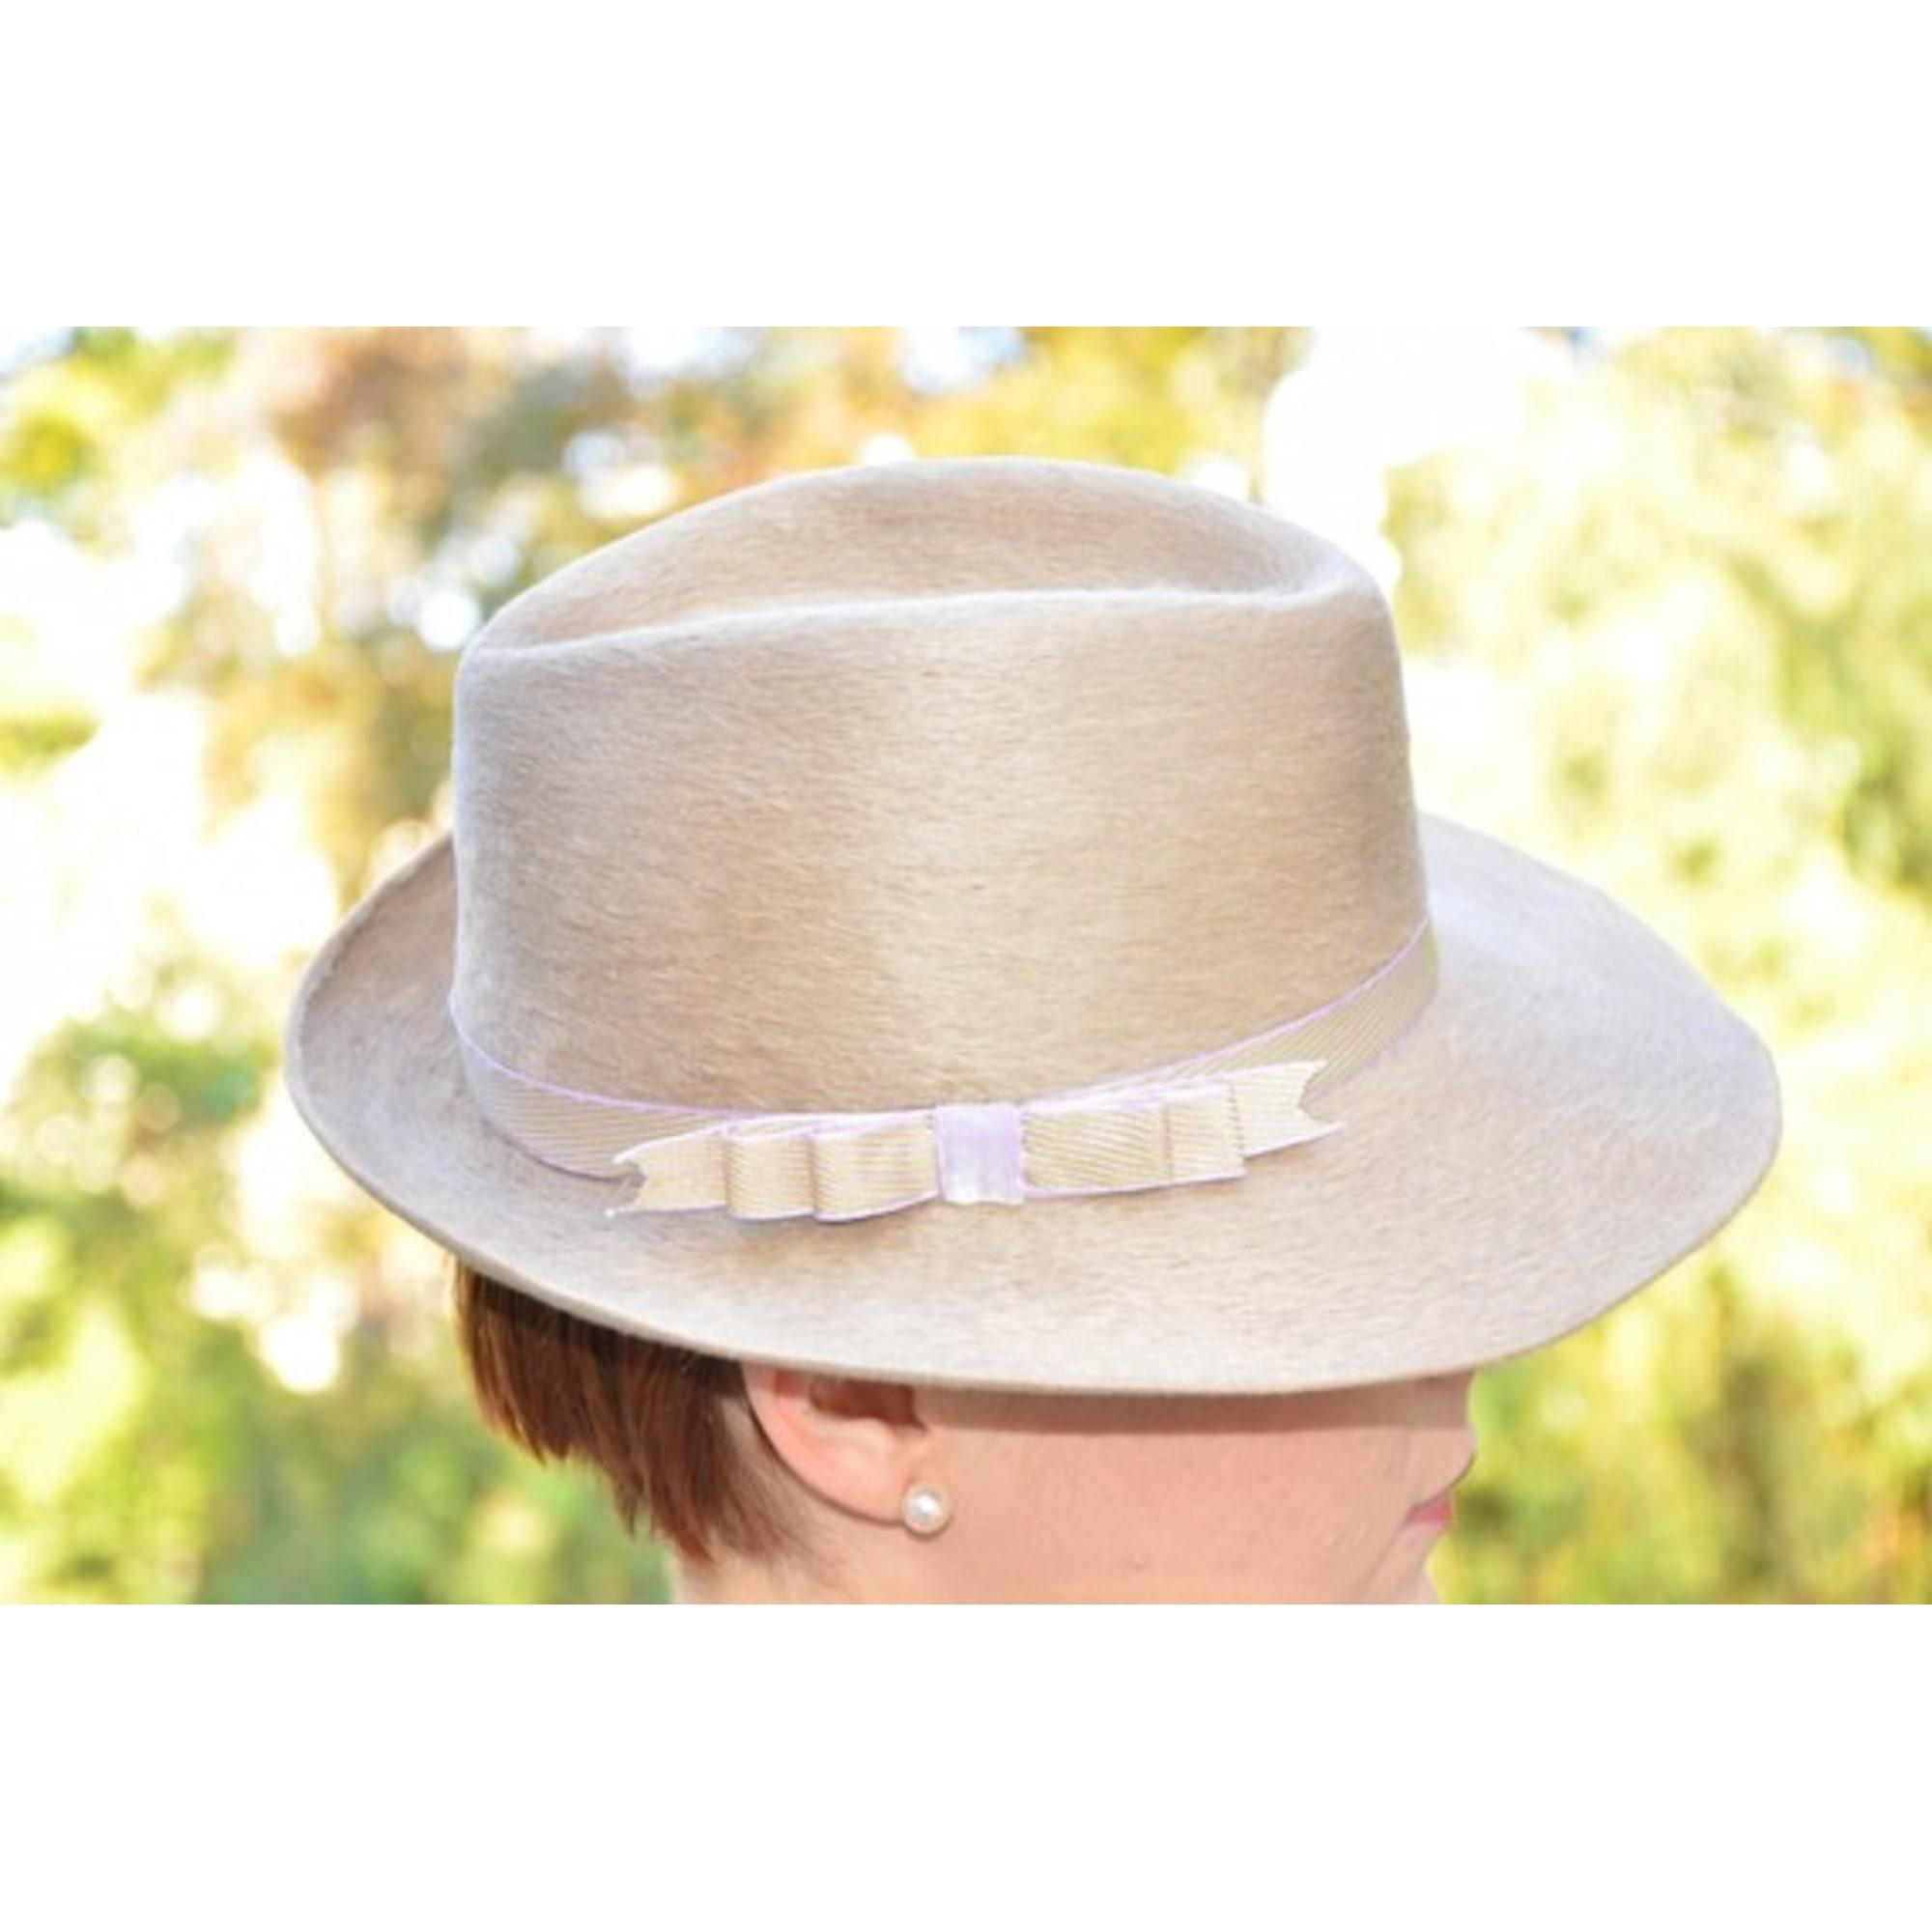 60cbf234e2 Chapeau COQUETTERIES & CIE 56 beige vendu par Julie bis142138 - 1035005